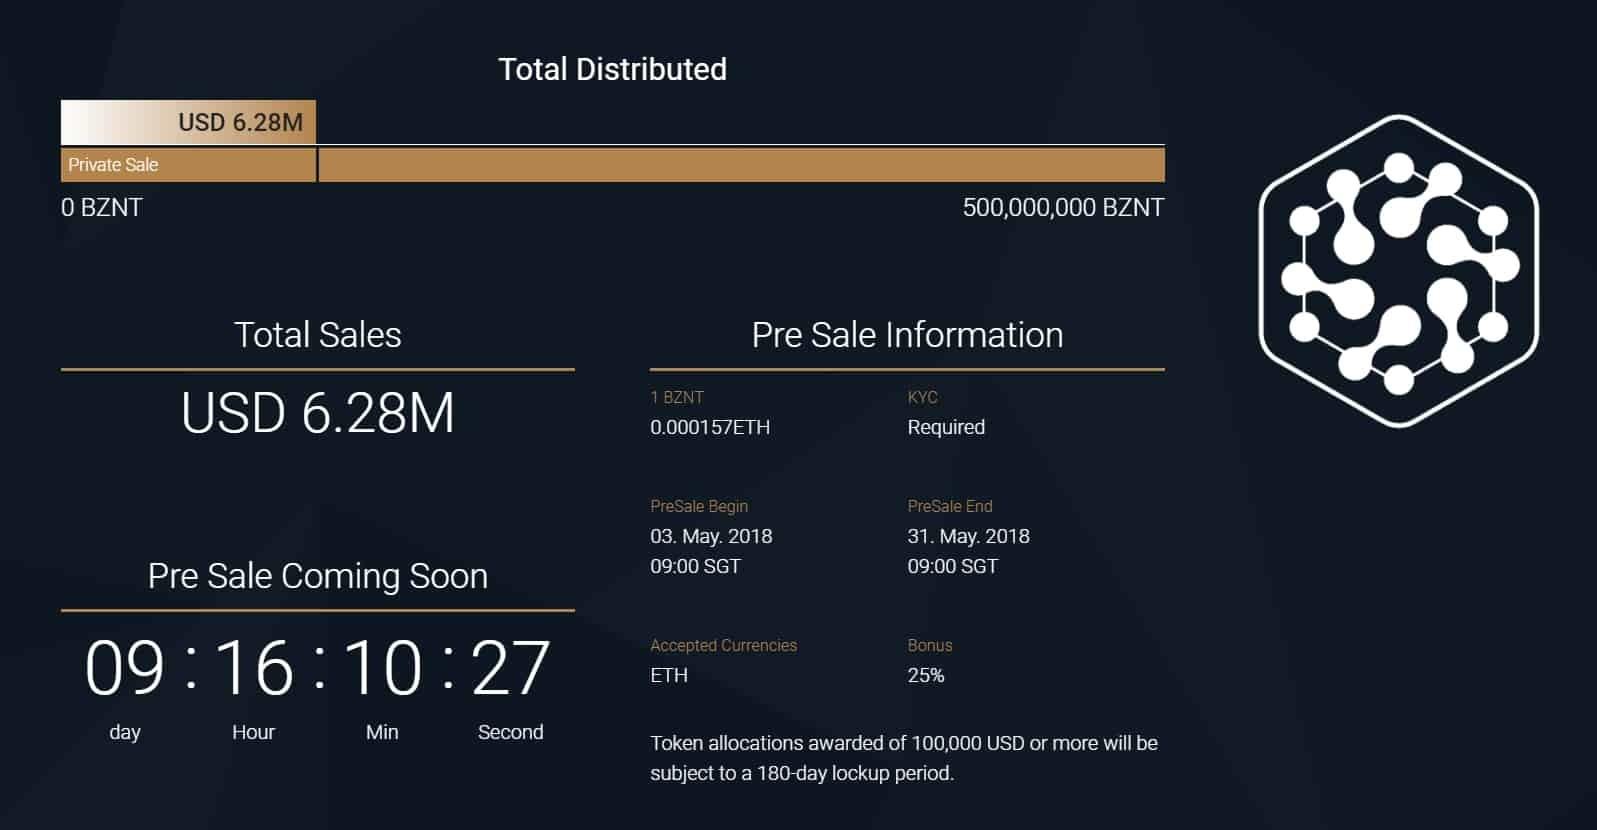 Bezant 加密貨幣 BZNT 在人工智能暨十大數字資產交易平台 Bibox 上幣